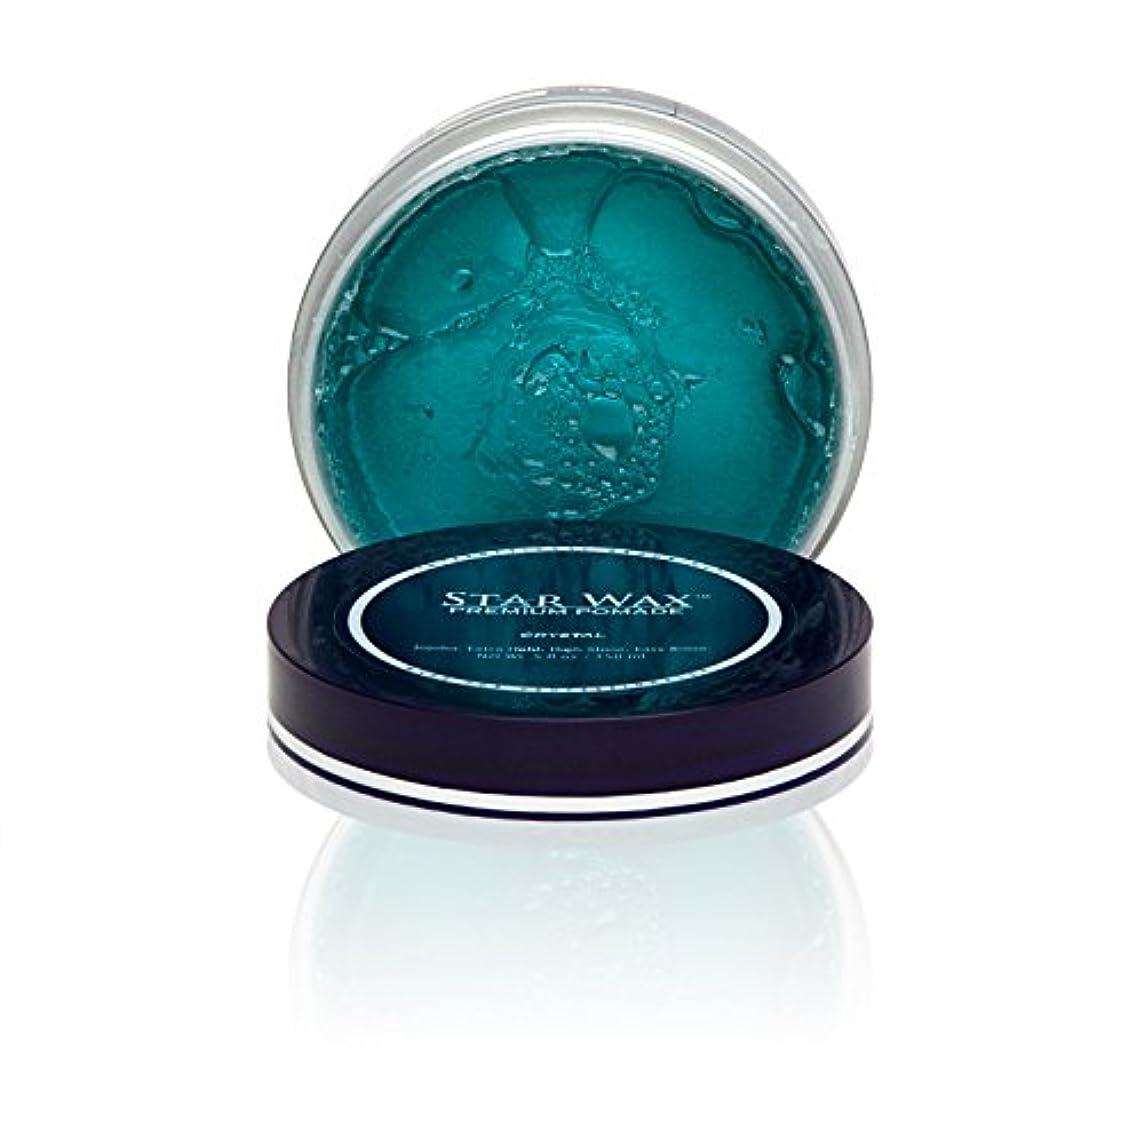 保険強打シンポジウムStar Wax | Premium Pomade, Crystal(スターワックスプレミアム ポマード「クリスタル」)?Star Pro Line(スタープロライン)製?5(液量)オンス/150ml